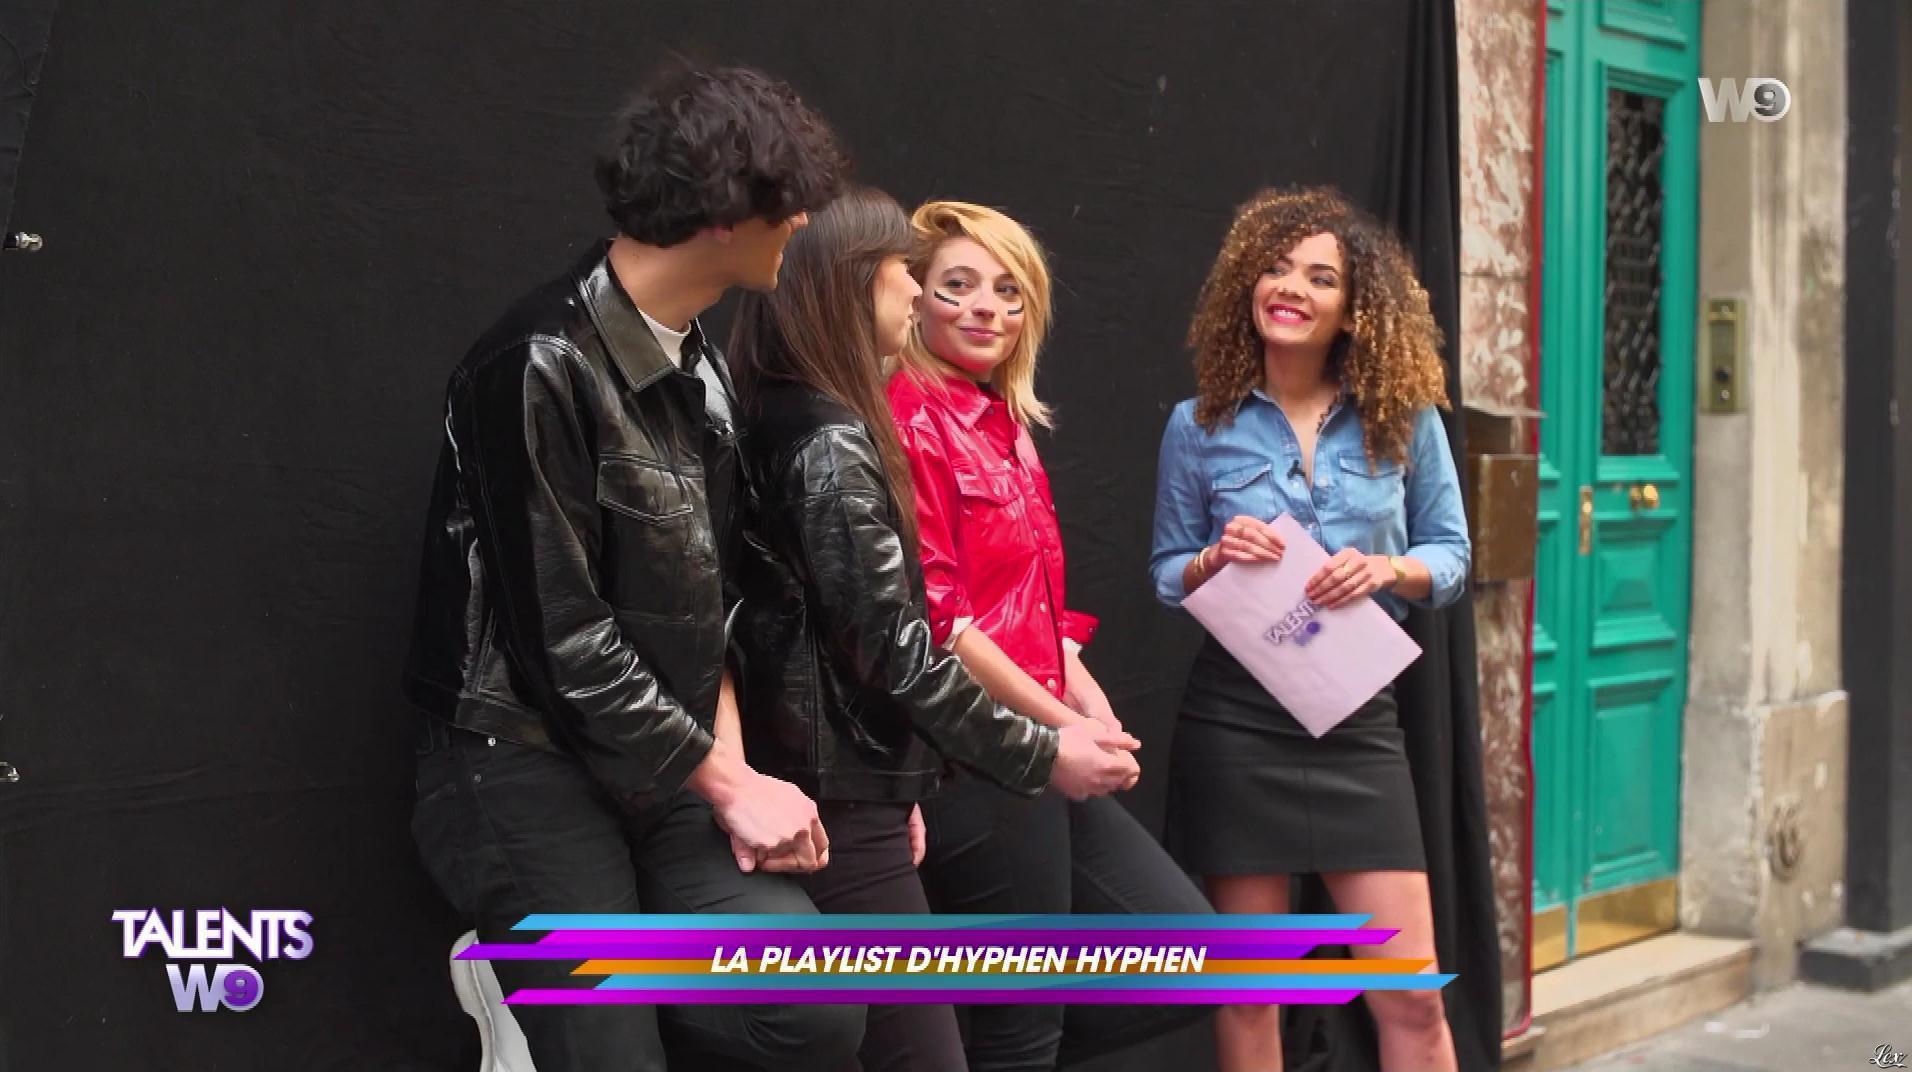 Anais Grangerac dans Talents W9. Diffusé à la télévision le 12/05/18.